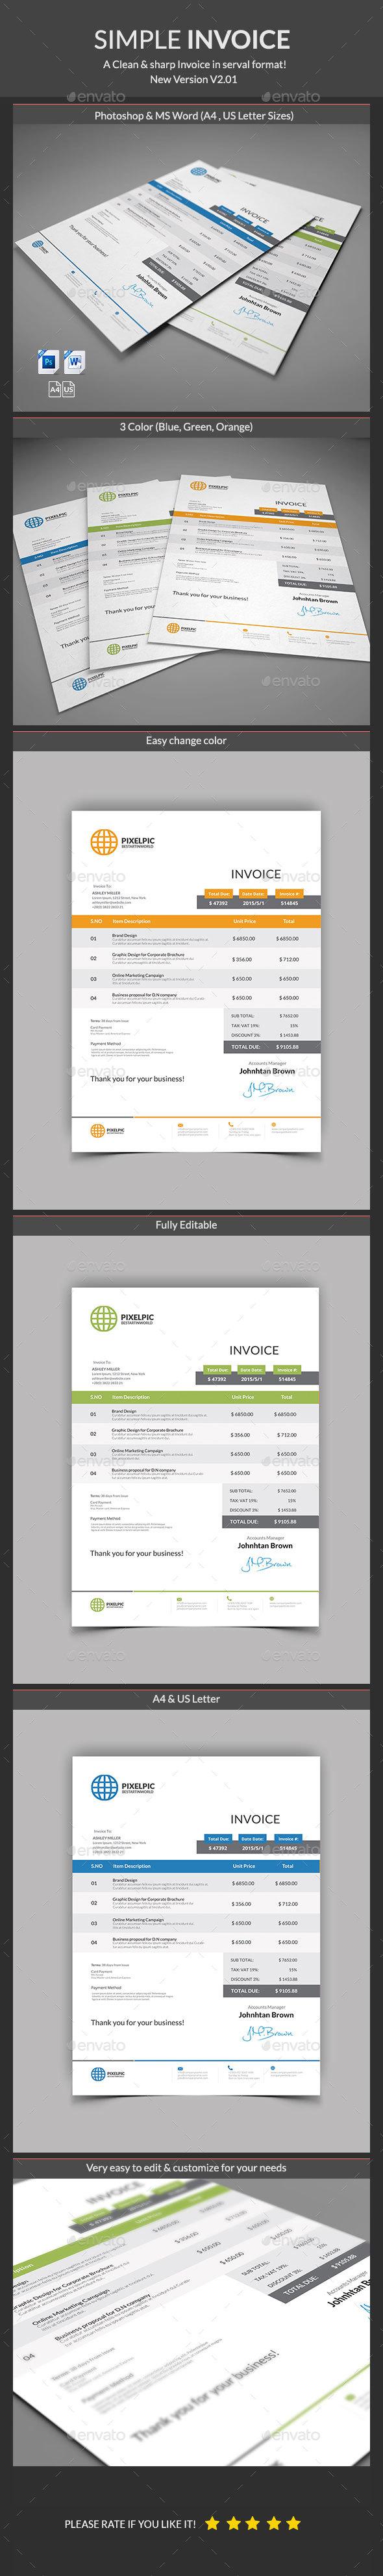 Invoice Bill Template Microsoft Word Invoice Template Invoice Template